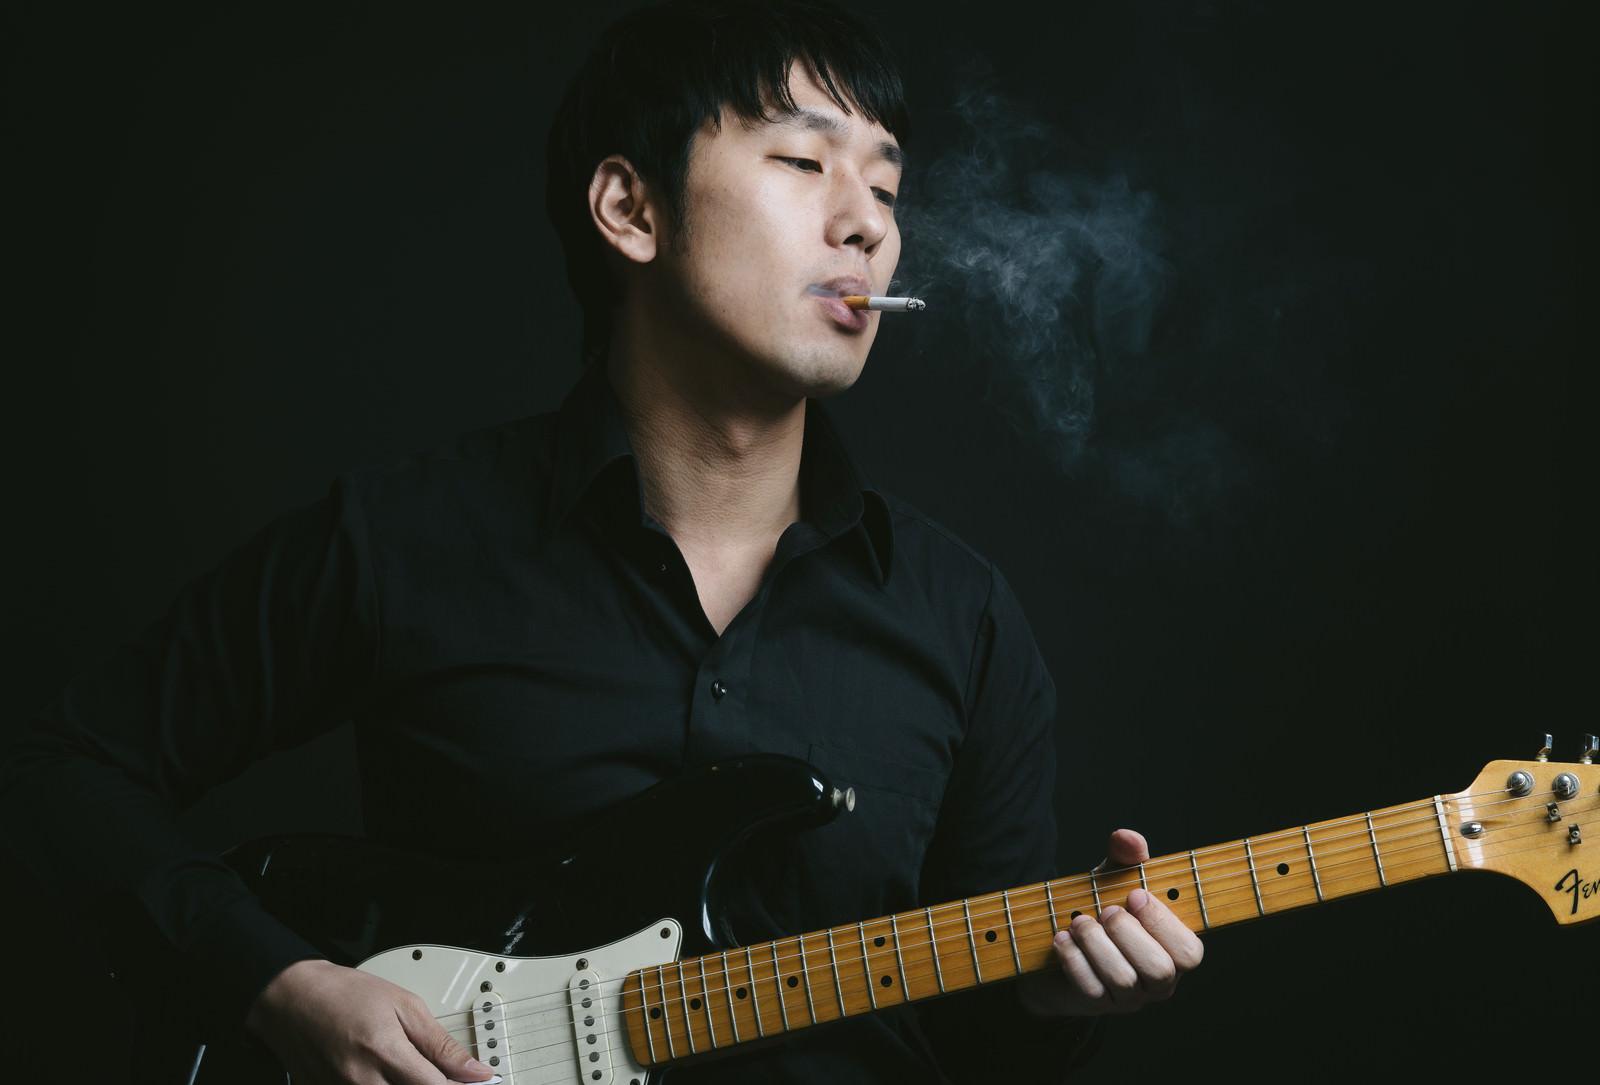 「海外のギタリストに影響されたブルースかぶれ海外のギタリストに影響されたブルースかぶれ」[モデル:大川竜弥]のフリー写真素材を拡大